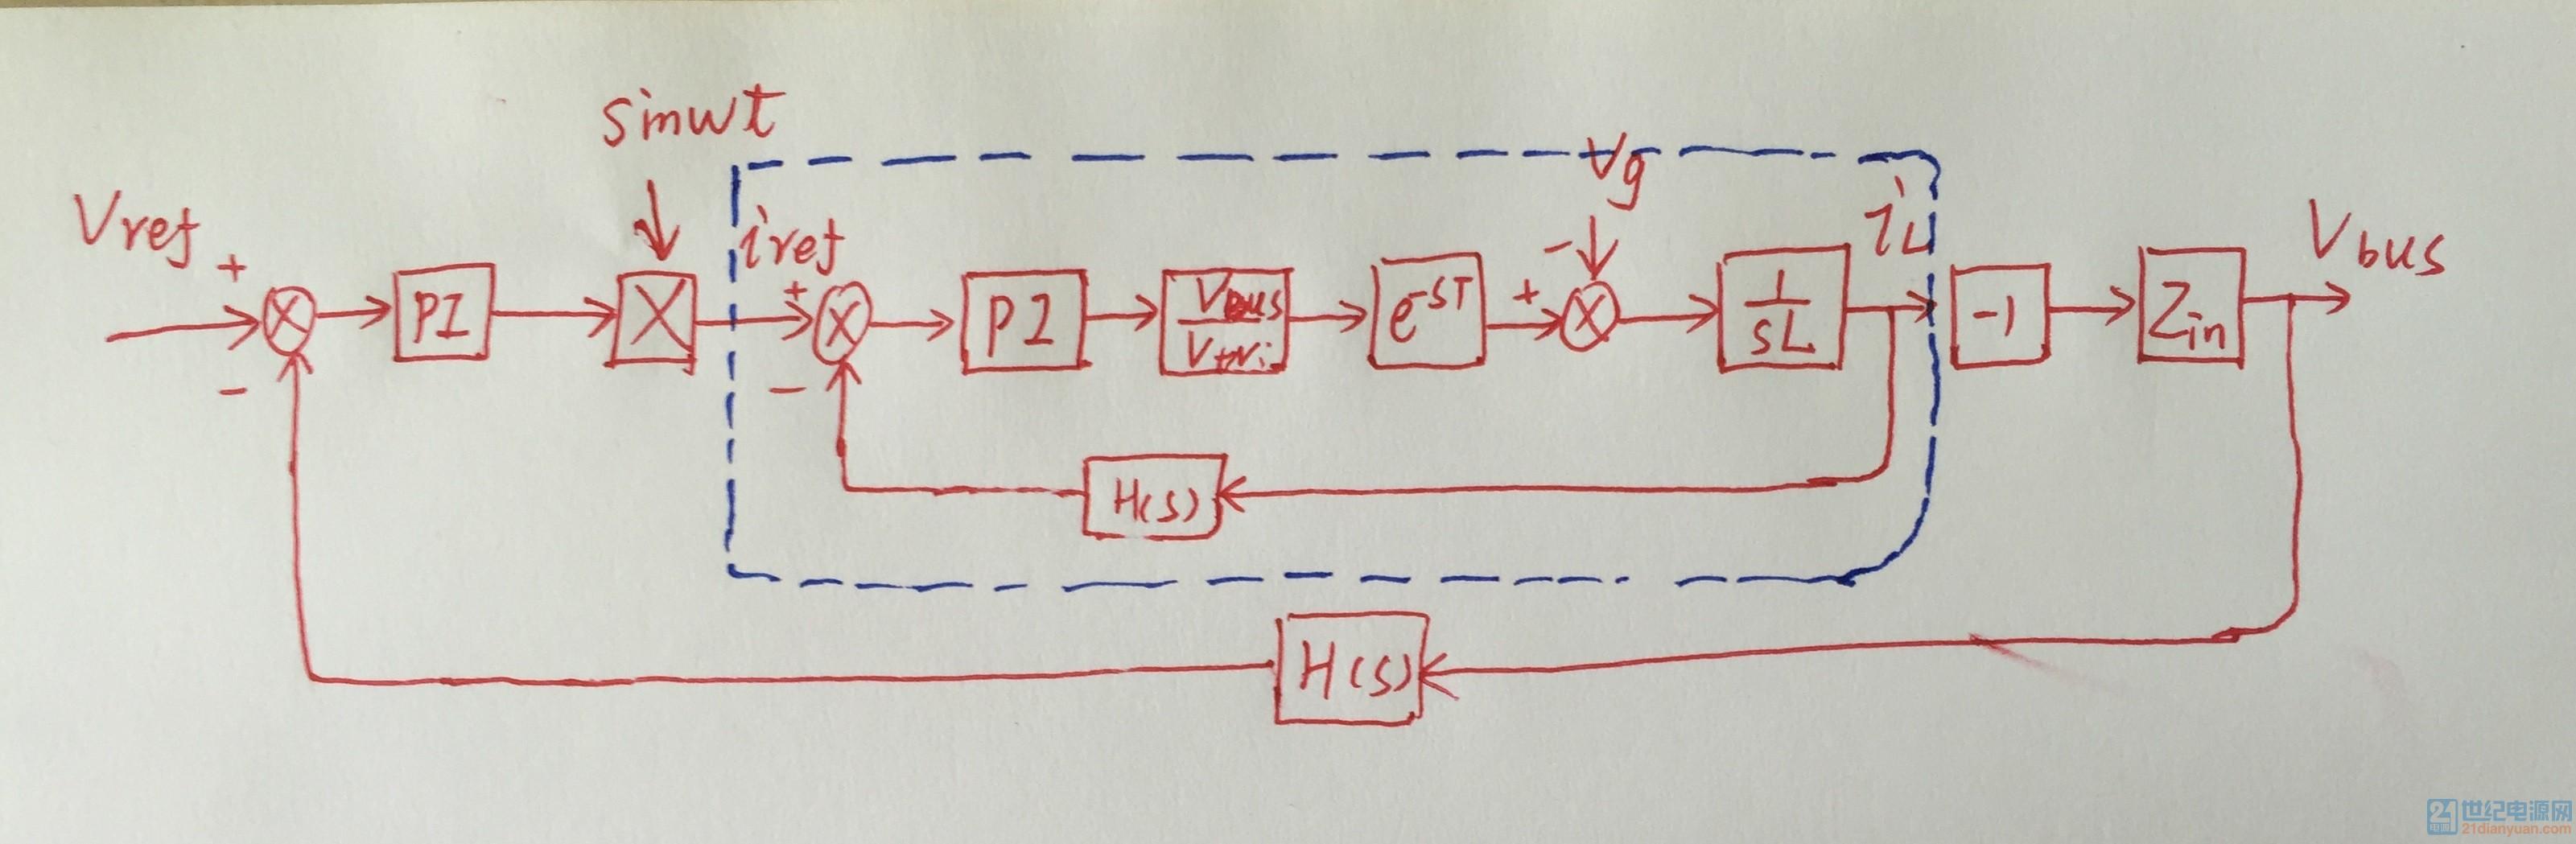 inverter级控制框图.jpg